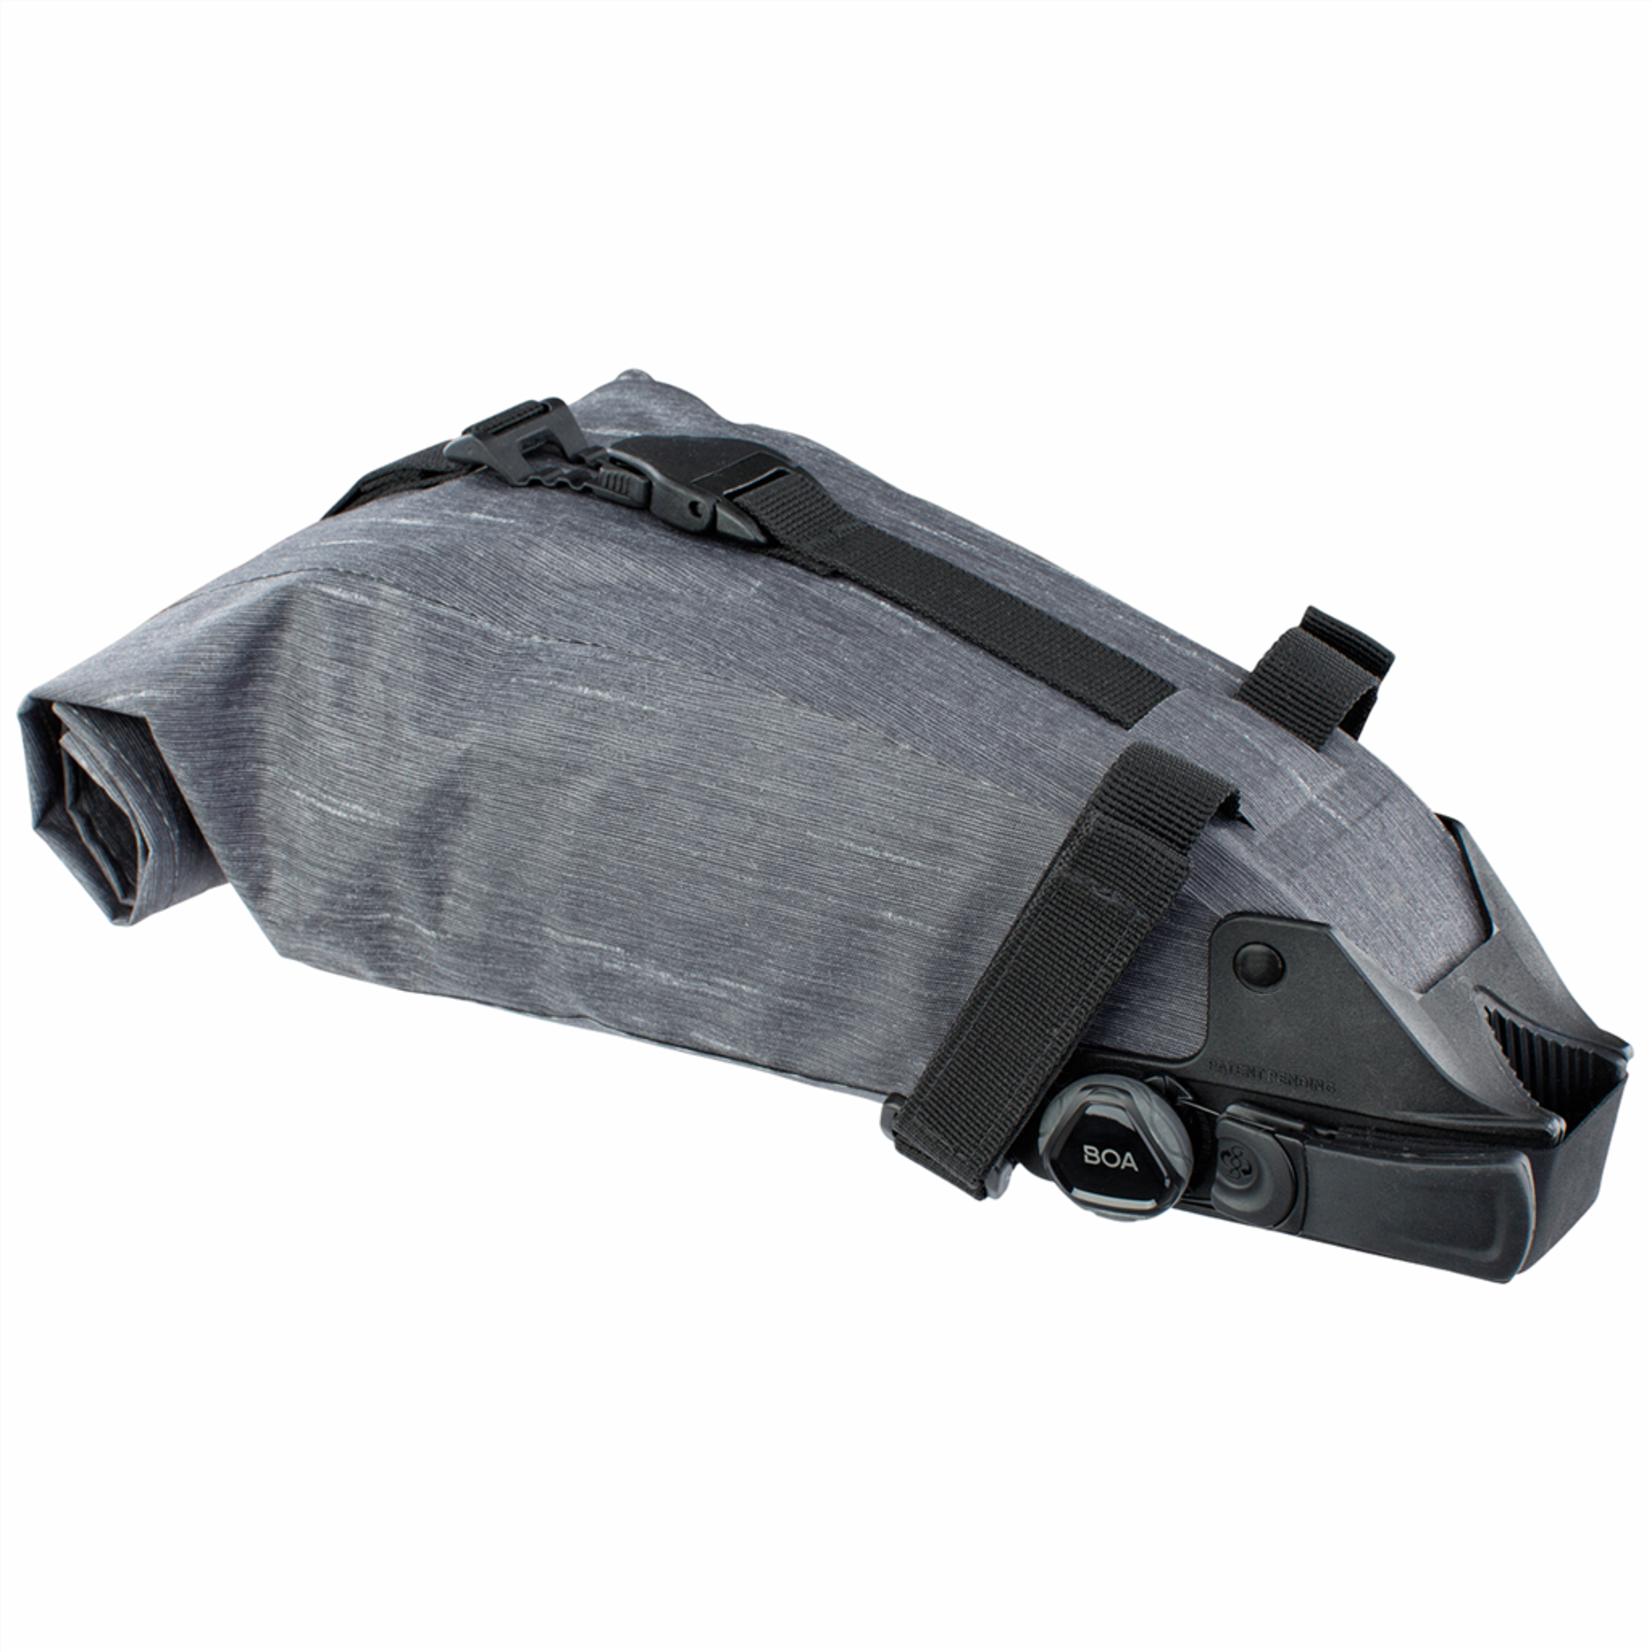 EVOC Tasche sella EVOC SEAT PACK BOA 3L carbon grey